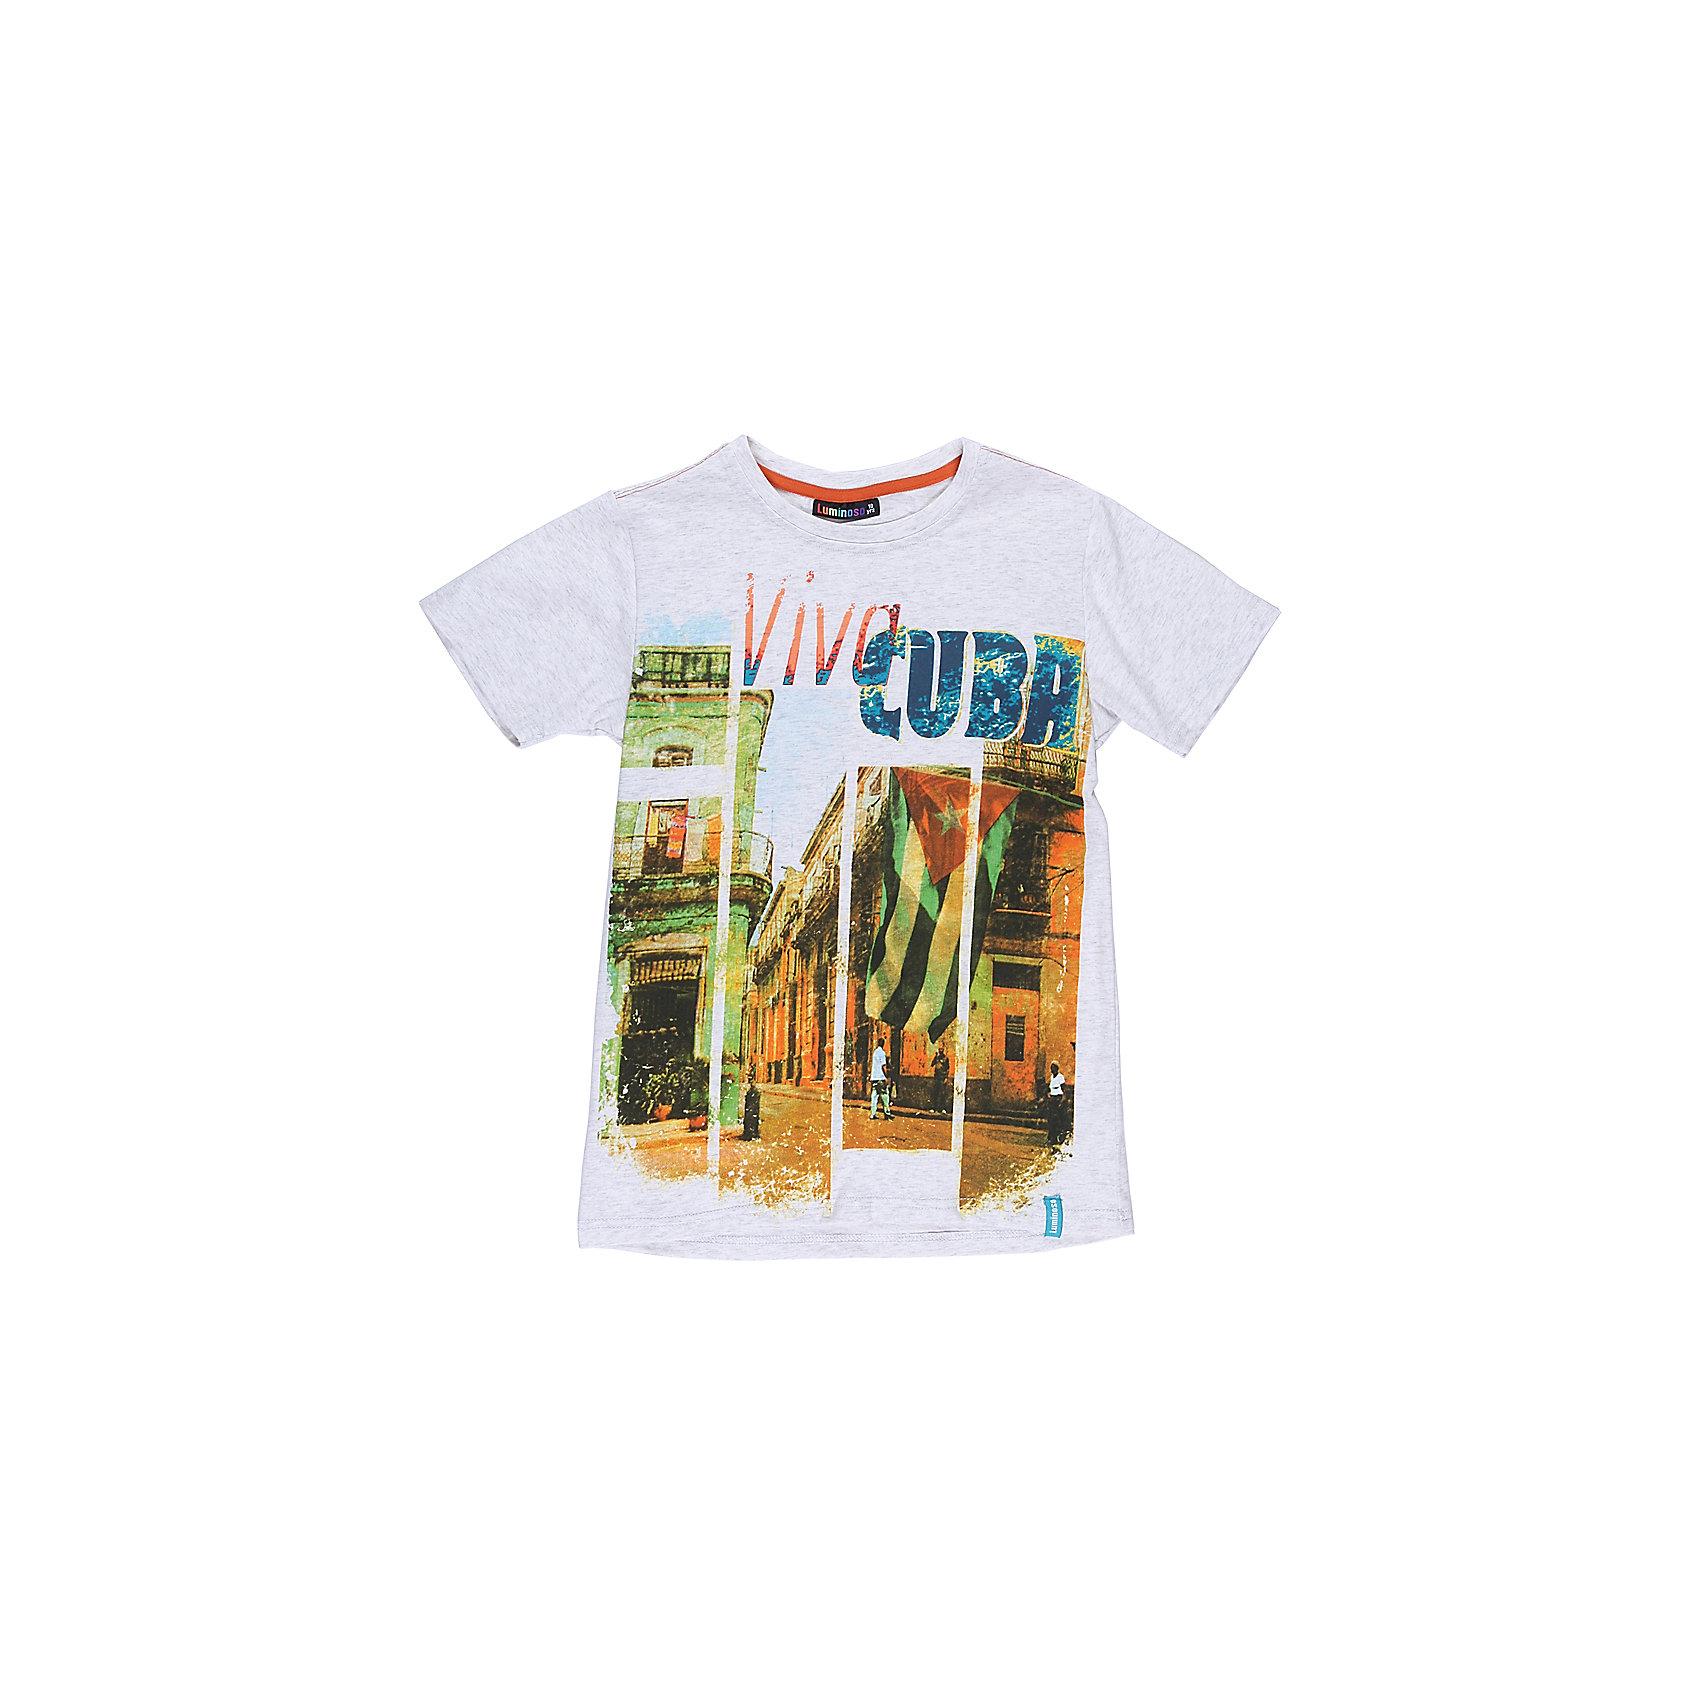 Футболка для мальчика LuminosoФутболки, поло и топы<br>Стильная футболка из трикотажной ткани для мальчика с коротким рукавом. Декорирована ярким принтом<br>Состав:<br>95%хлопок 5%эластан<br><br>Ширина мм: 199<br>Глубина мм: 10<br>Высота мм: 161<br>Вес г: 151<br>Цвет: белый<br>Возраст от месяцев: 96<br>Возраст до месяцев: 108<br>Пол: Мужской<br>Возраст: Детский<br>Размер: 134,140,146,152,158,164<br>SKU: 5409758